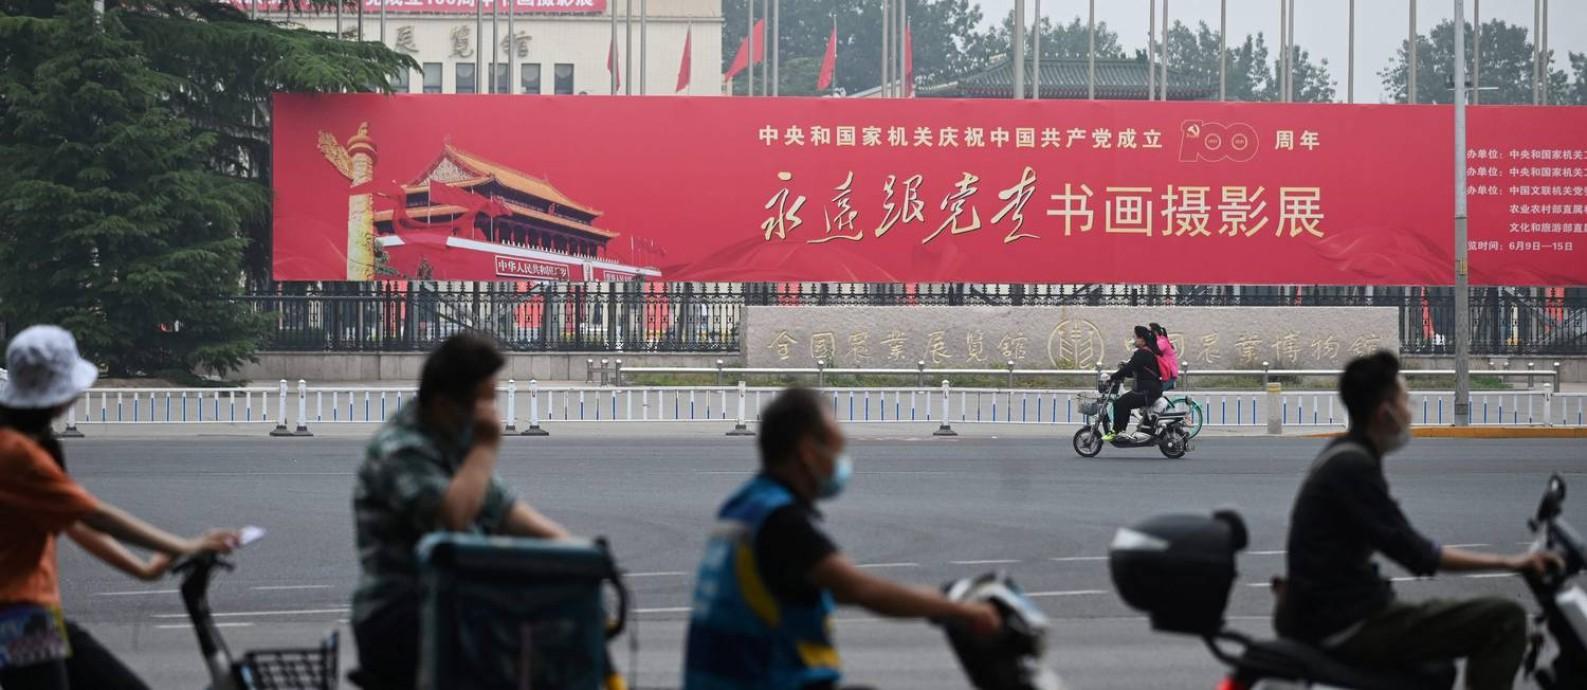 """Na fachada de uma exposição de caligrafia e pintura sobre o centenário do PC em Pequim, outdoor pede que chineses """"sigam o partido"""" Foto: GREG BAKER / AFP"""